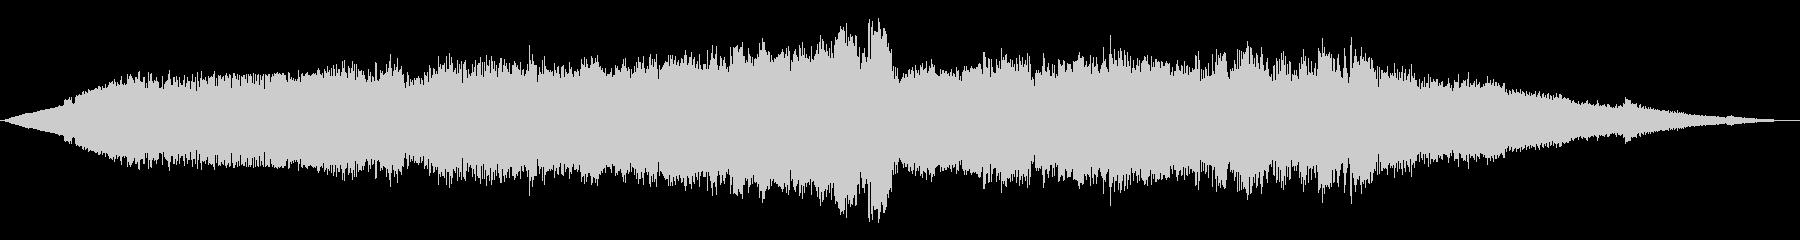 ワープフィールド1の未再生の波形